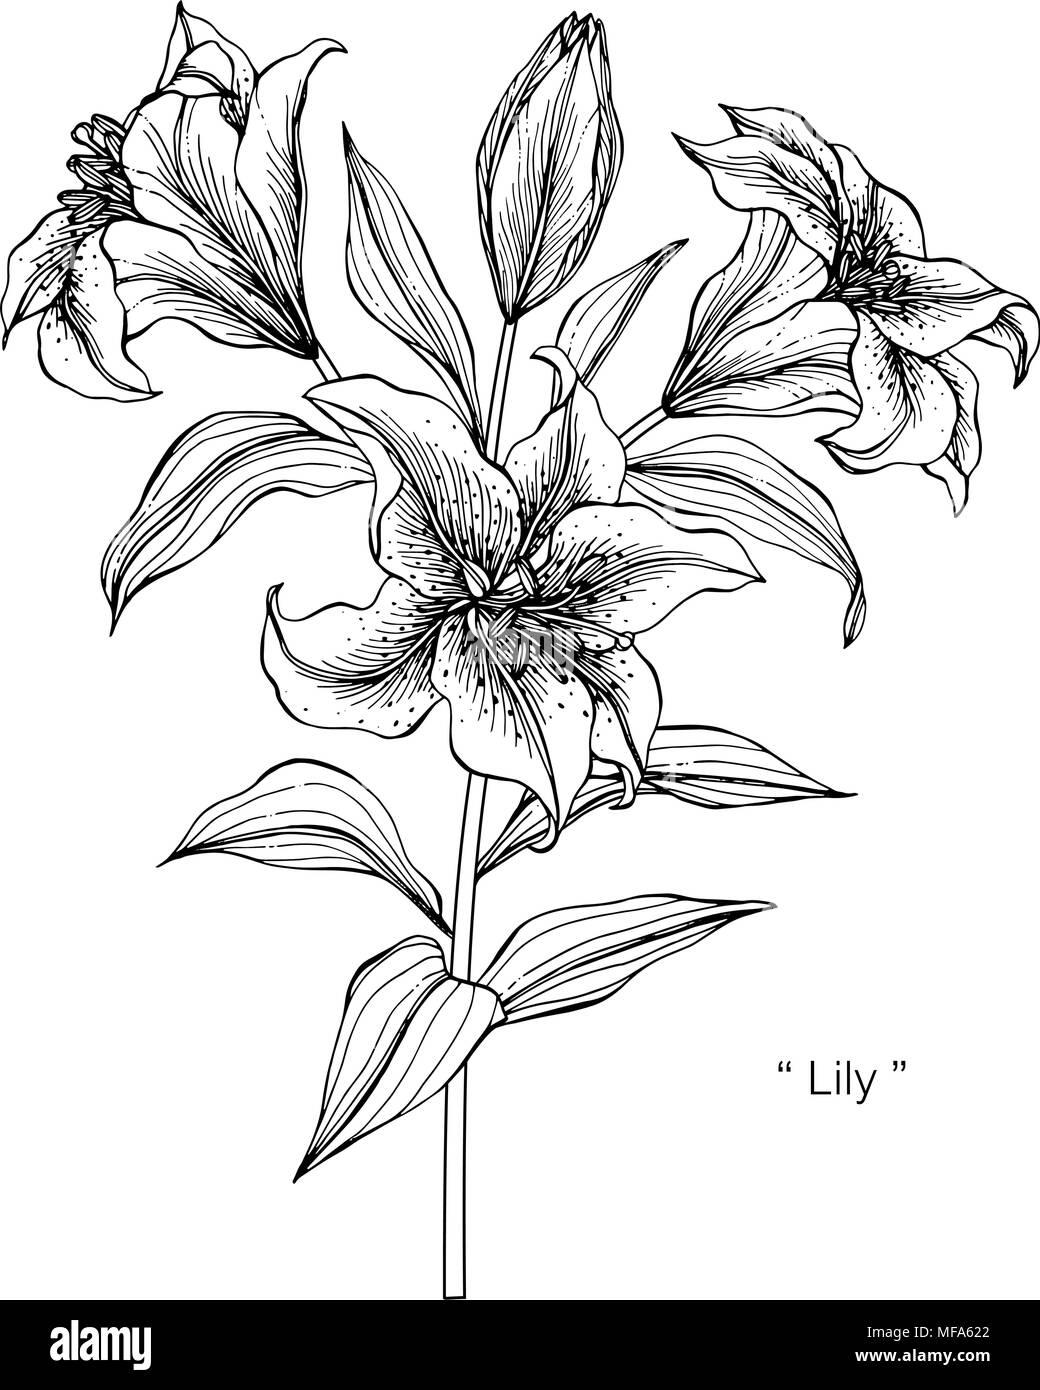 Dibujo De Flor De Lis De La Ilustración Blanco Y Negro Con Líneas